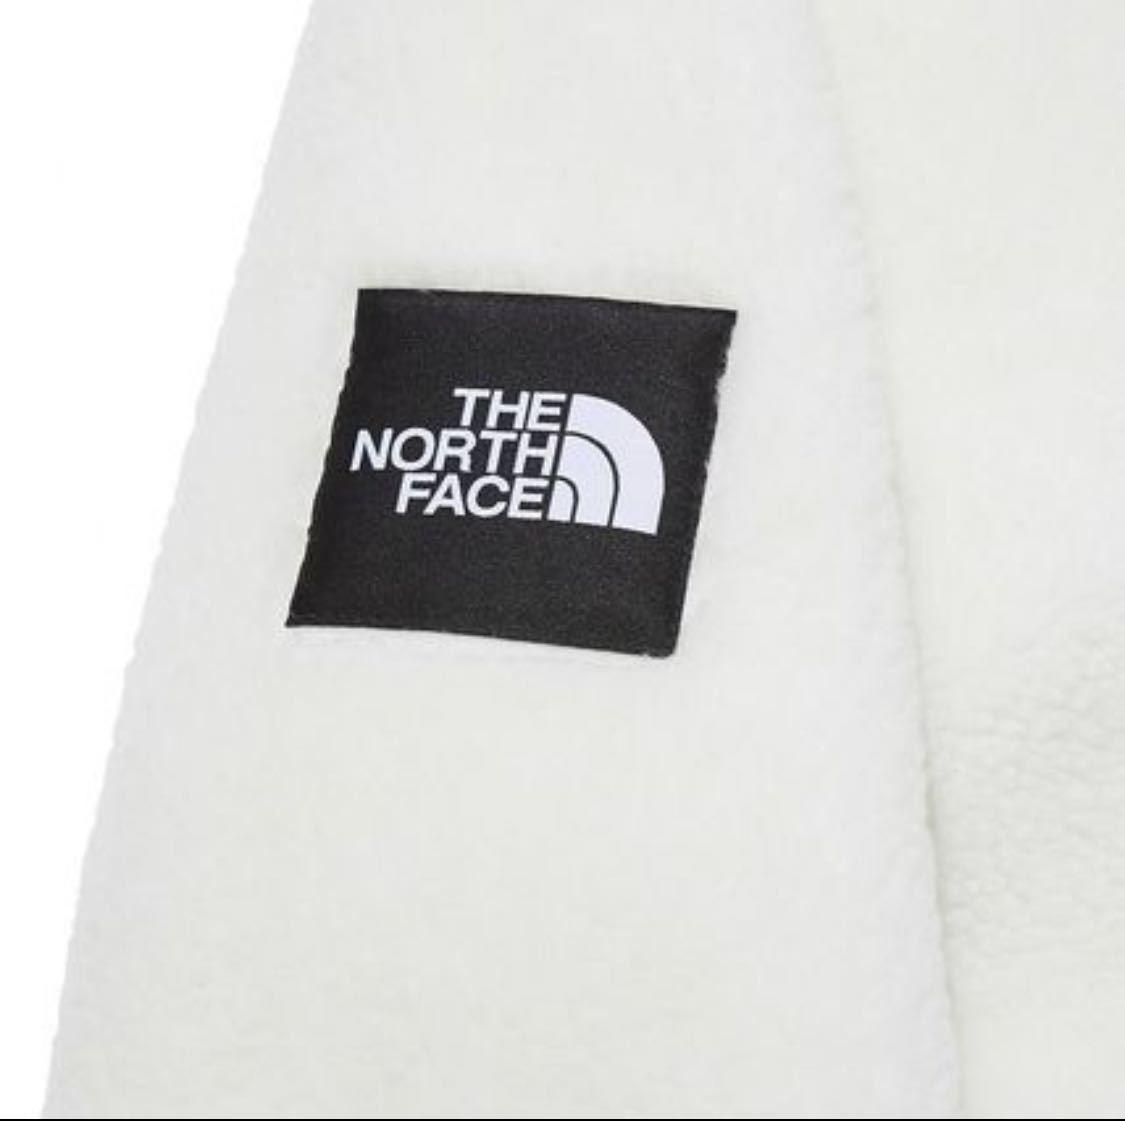 【新品正規品】ノースフェイス リモフリース S ボアジャケット THE NORTH FACE RIMO FLEECE JACKET IVORY アイボリー S_画像5